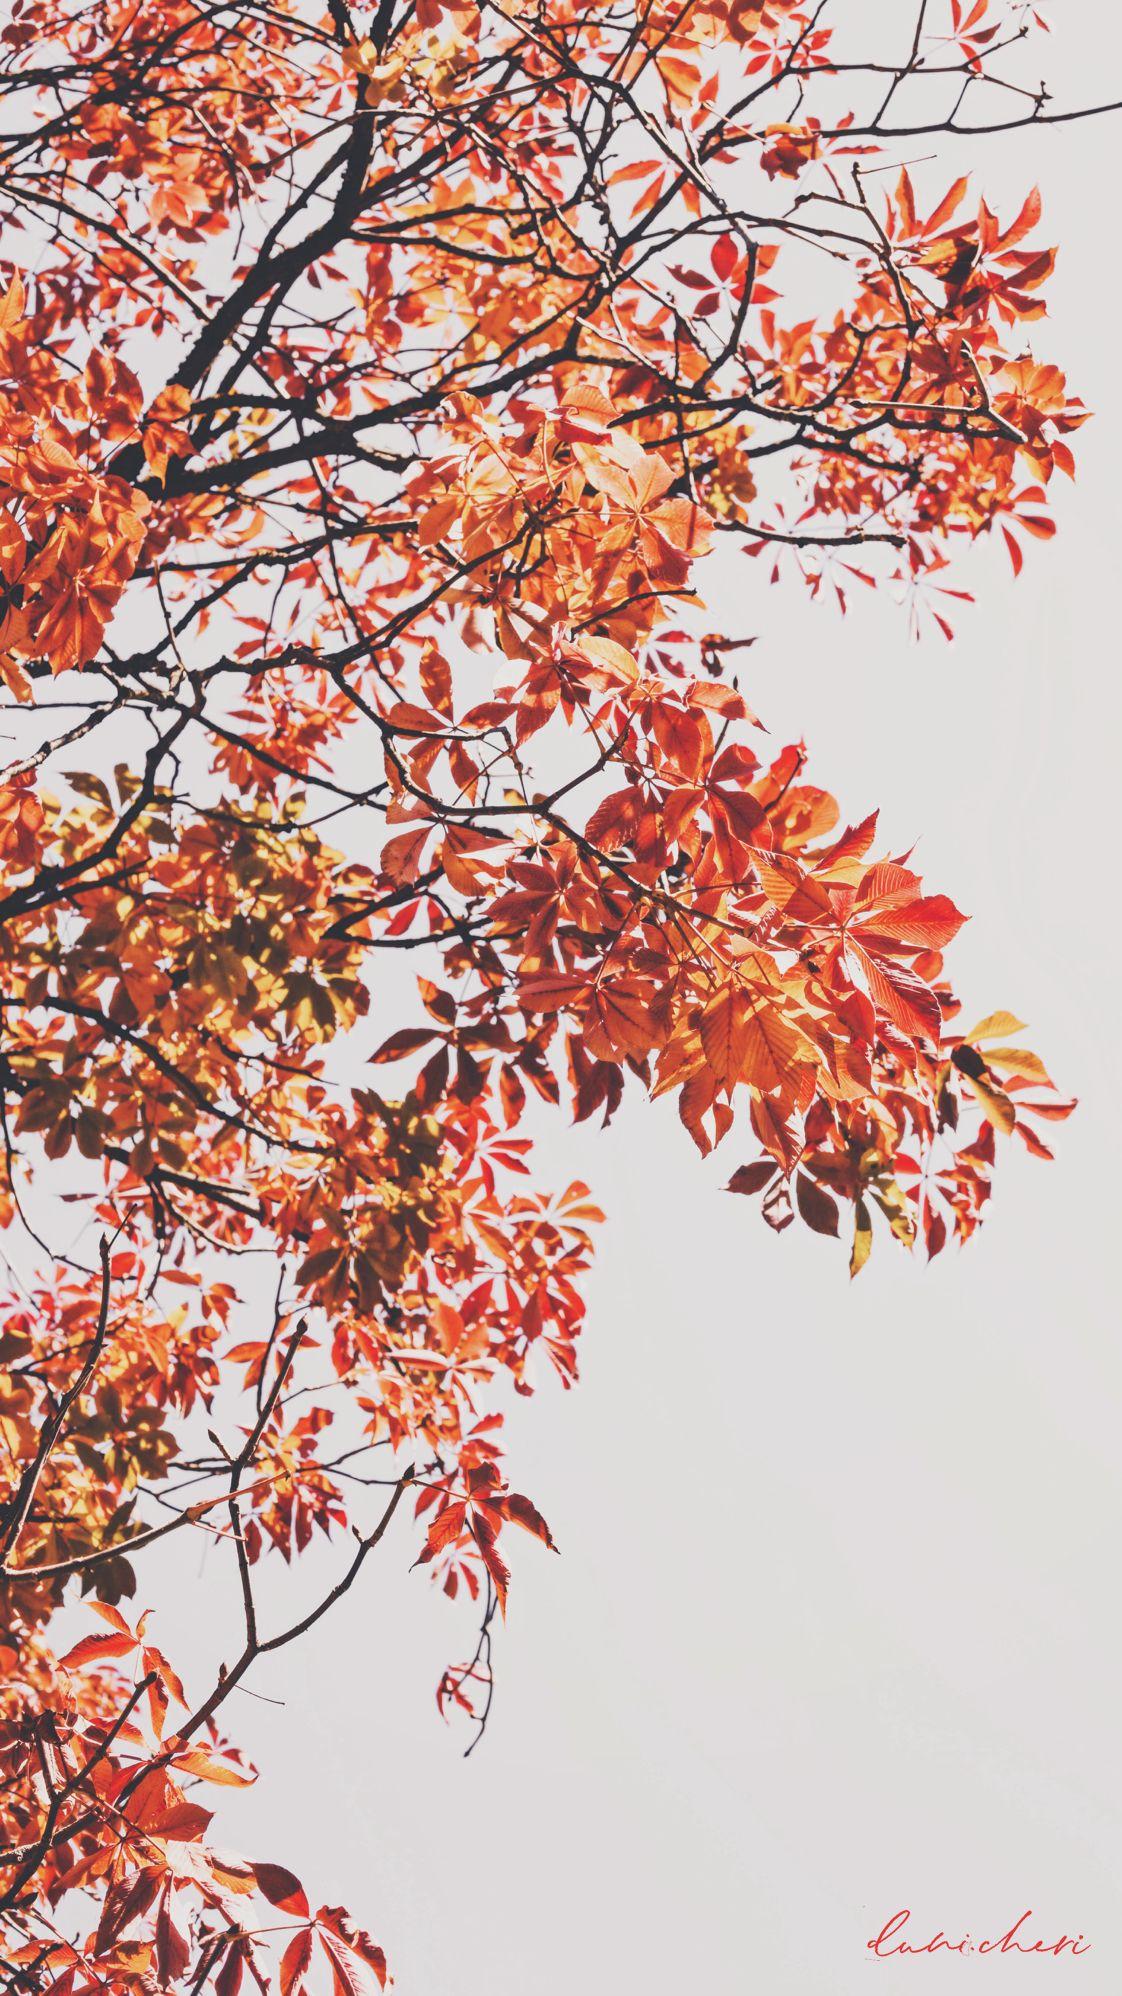 Aesthetic Cute Fall Wallpaper